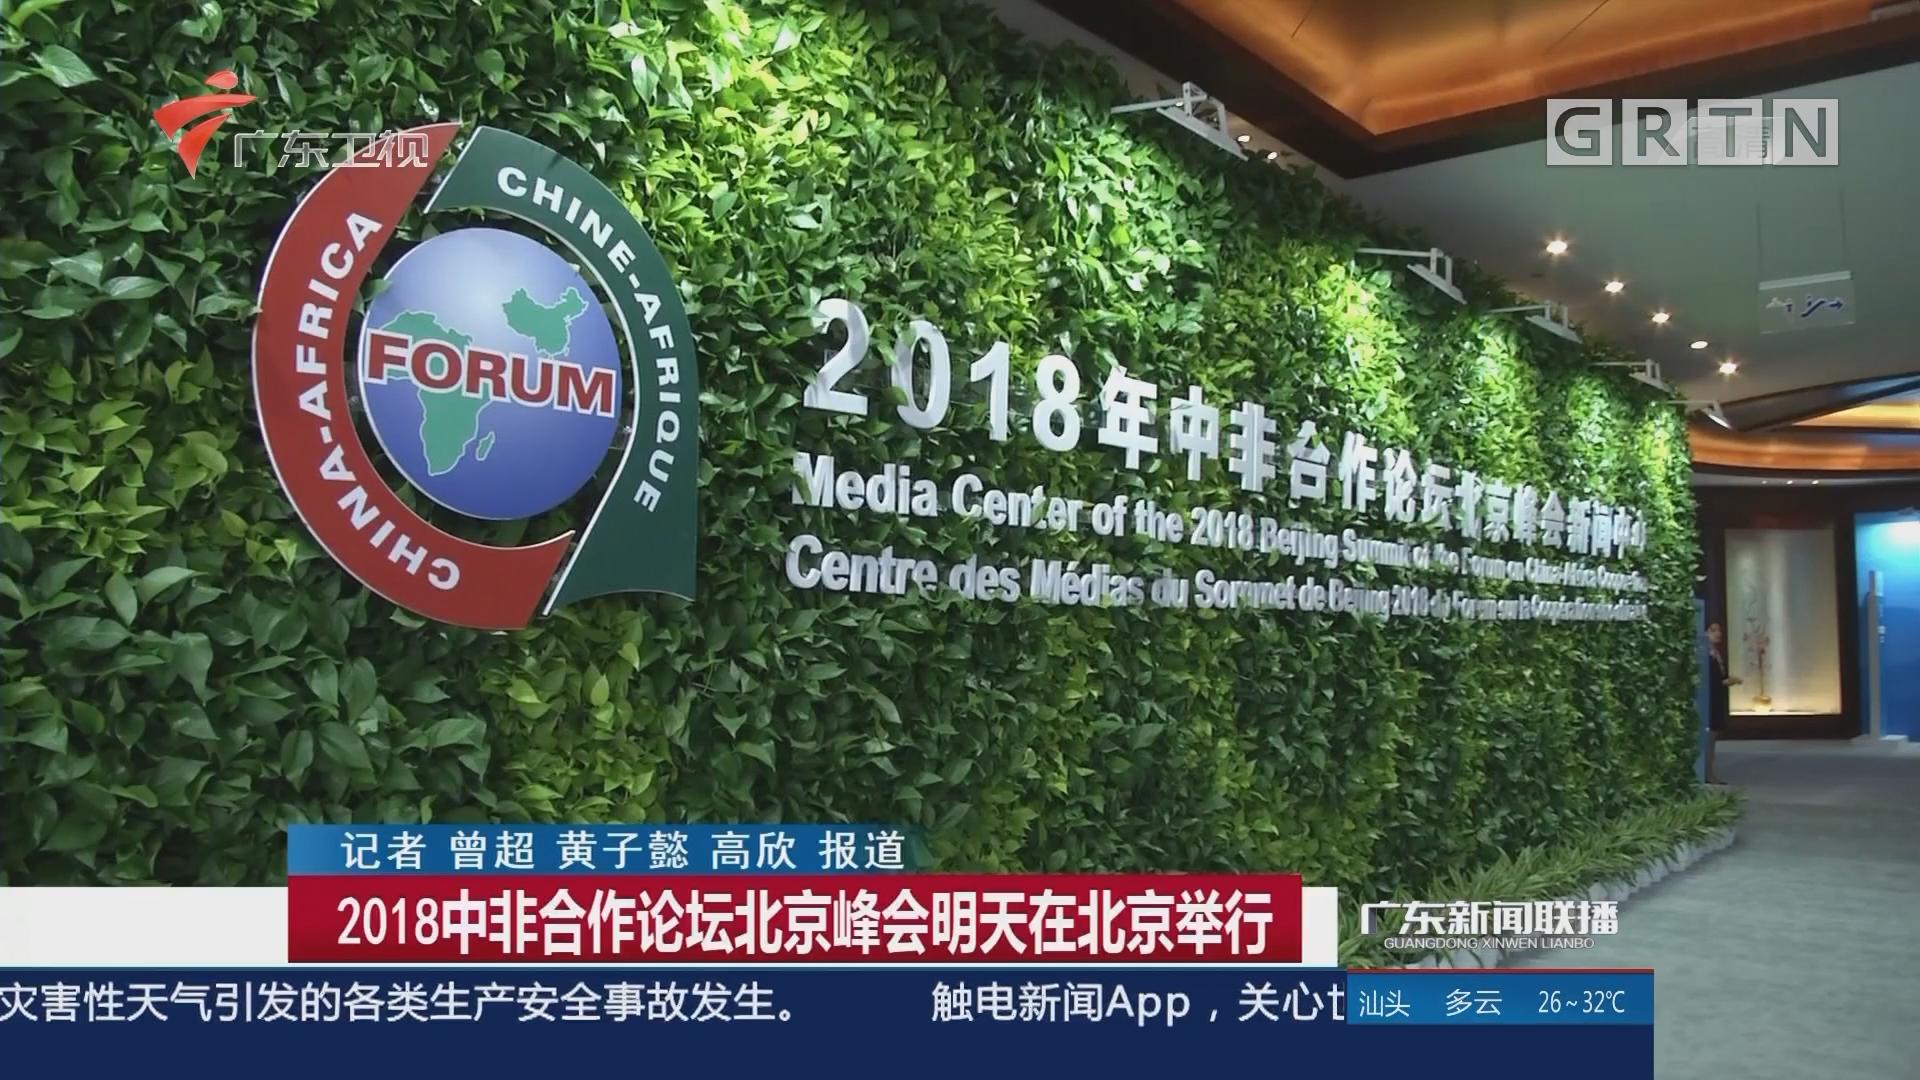 2018中非合作论坛北京峰会明天在北京举行